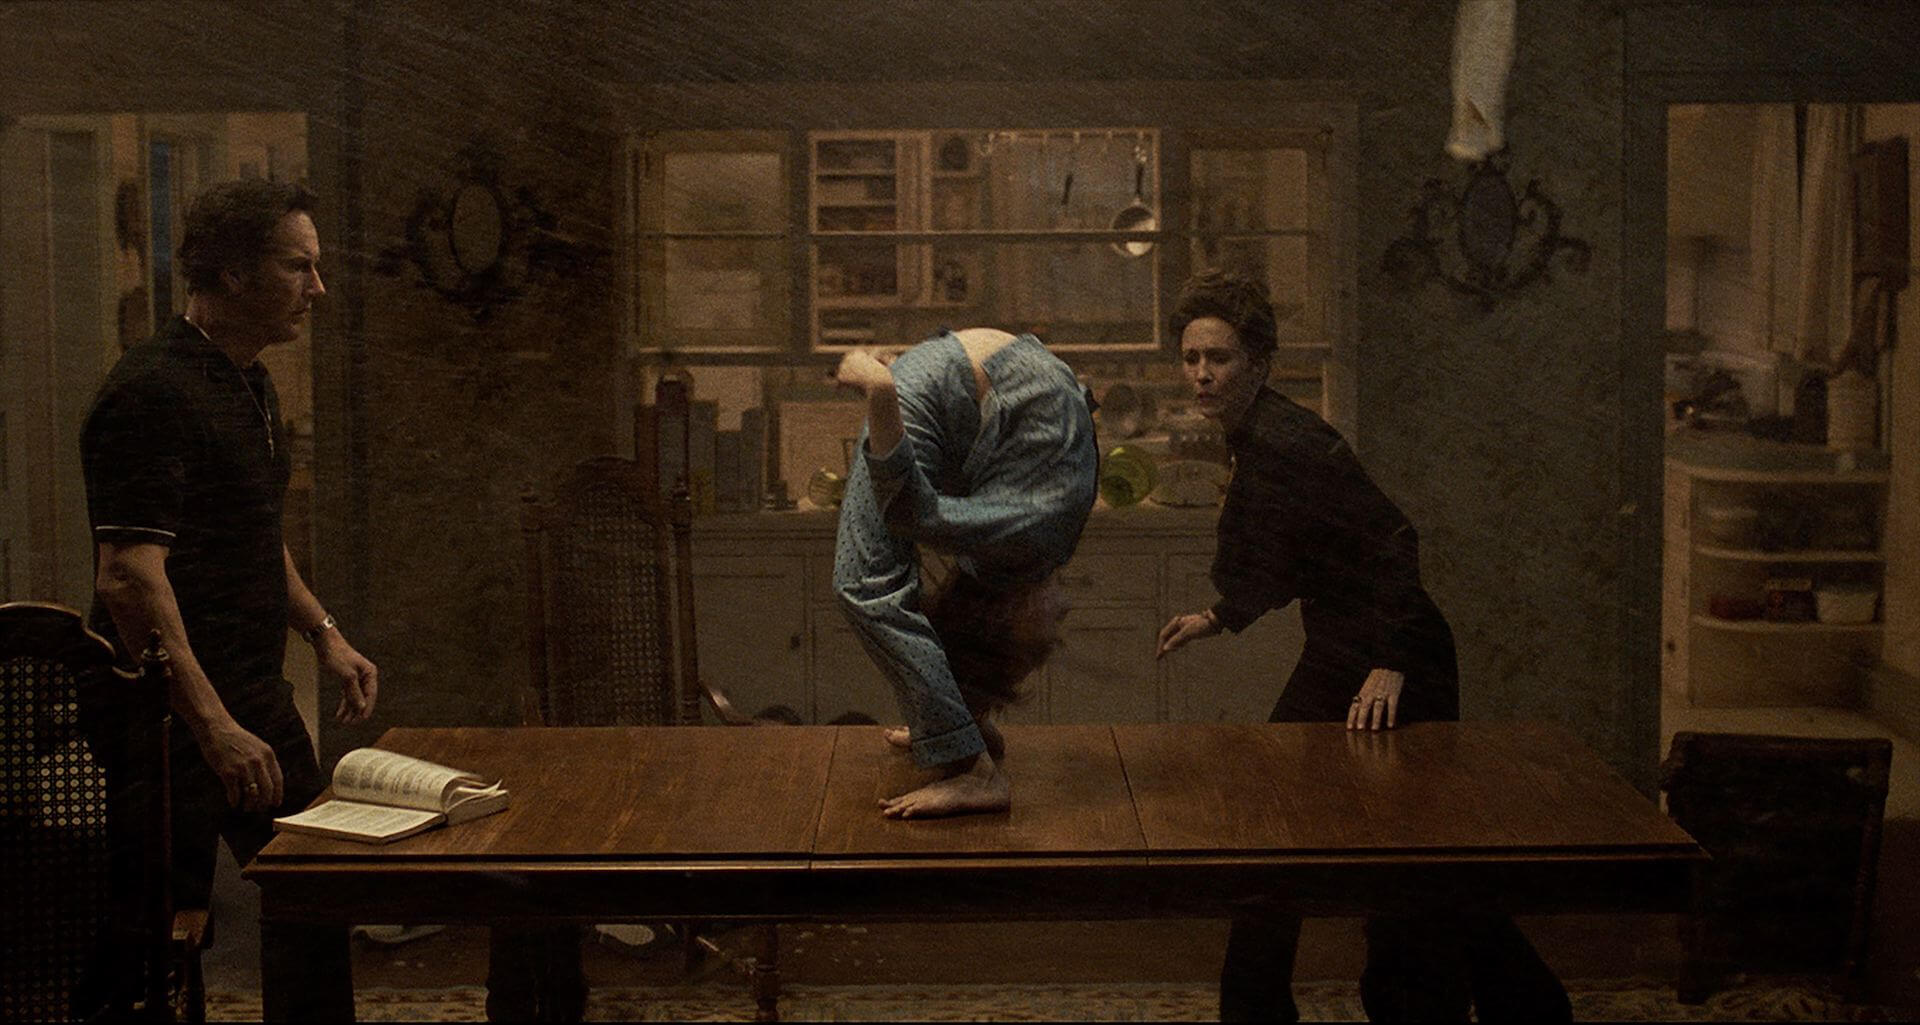 「死霊館」ユニバース全7作 累計世界興収20億ドル超え!最新作『死霊館 悪魔のせいなら、無罪。』は10月公開 film210802-shiryoukan-muzai-2